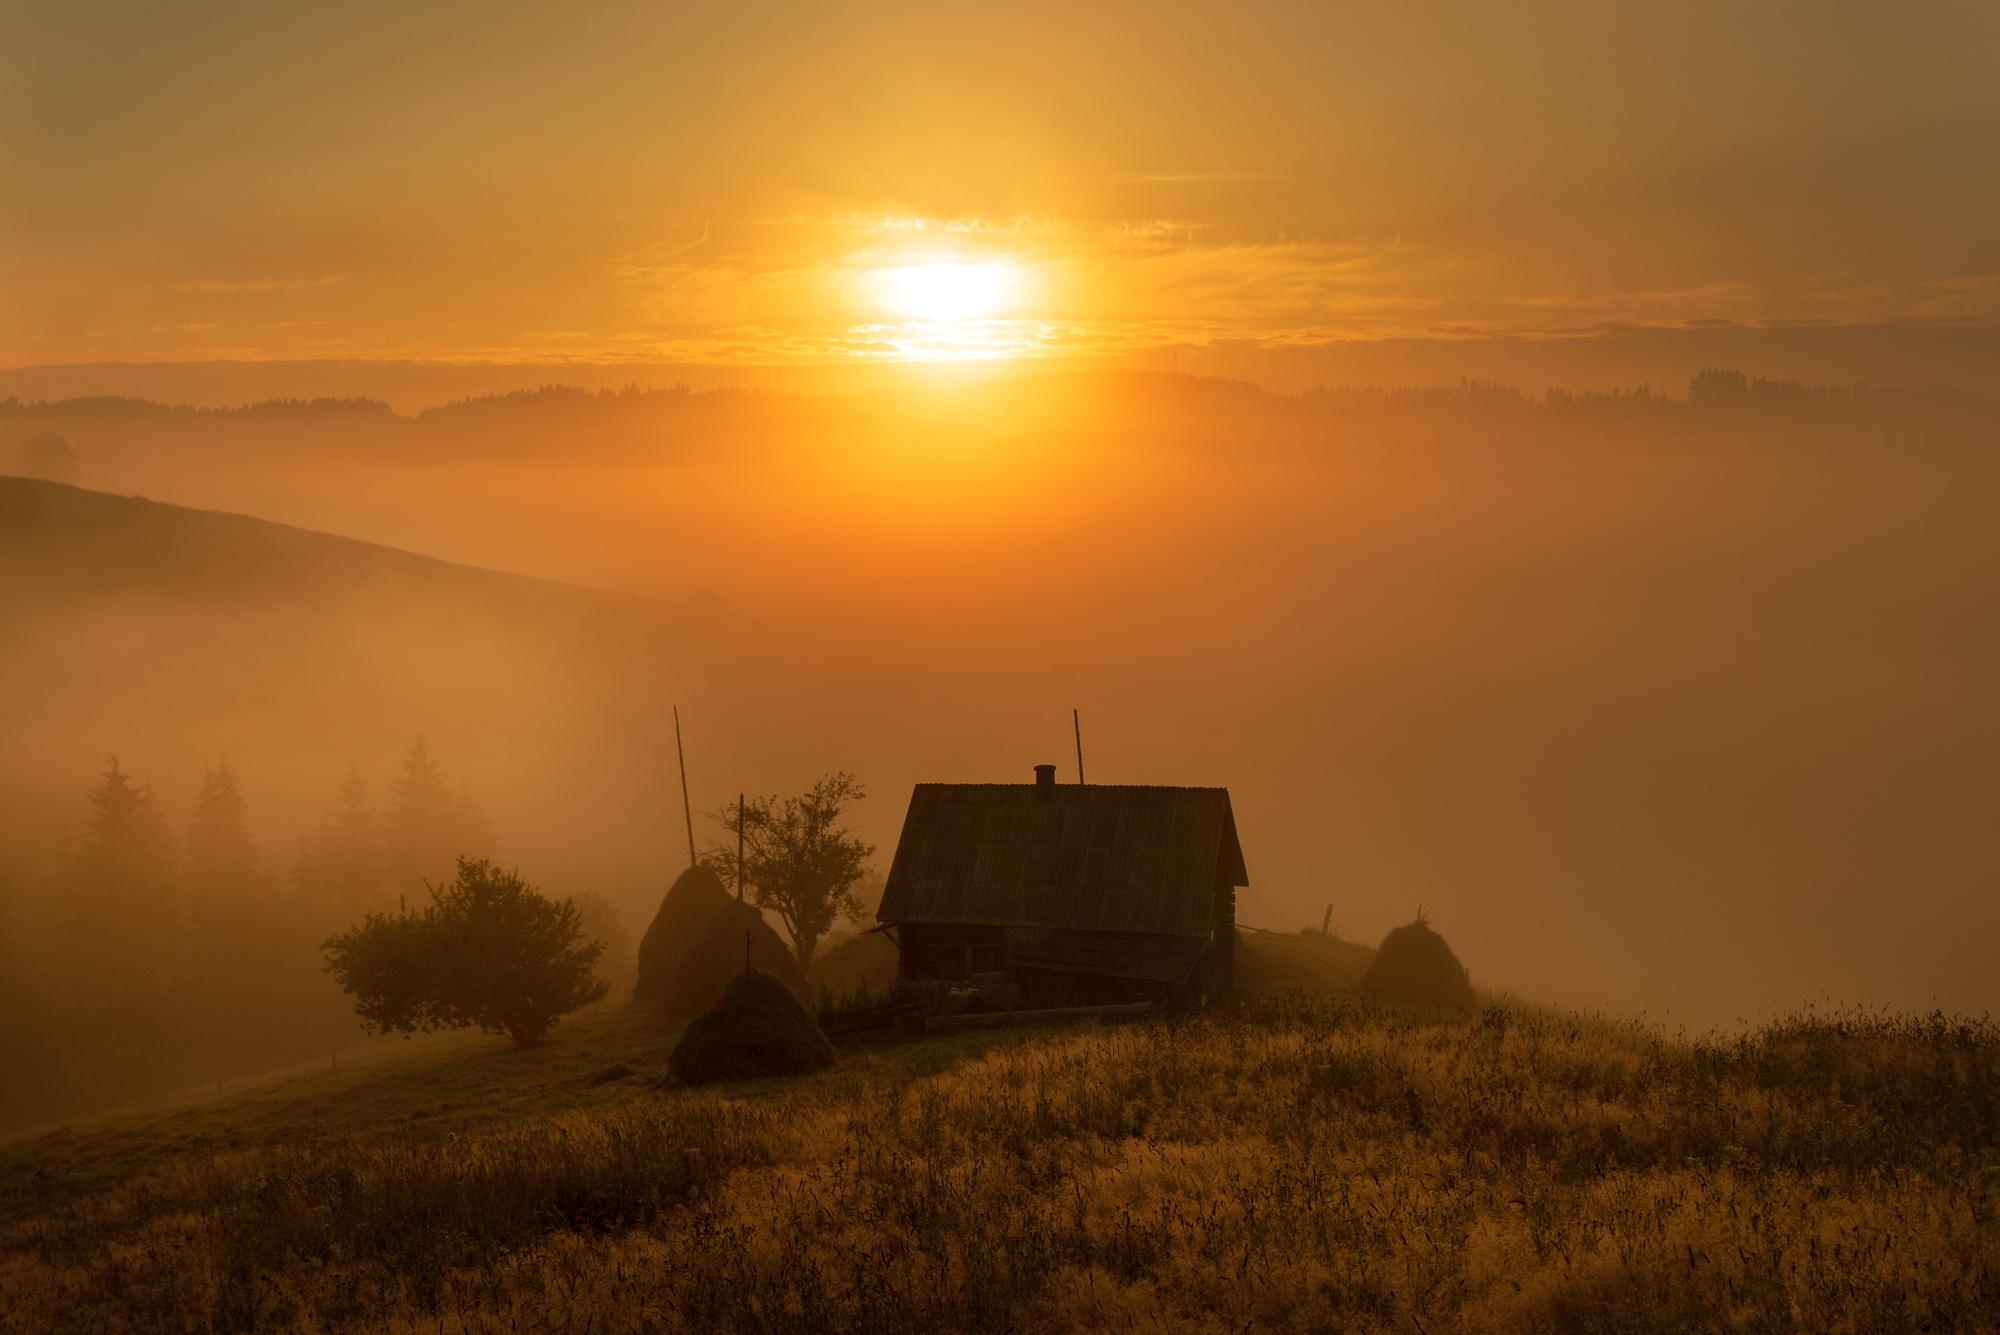 картинка солнце село за село день с собою увело частного